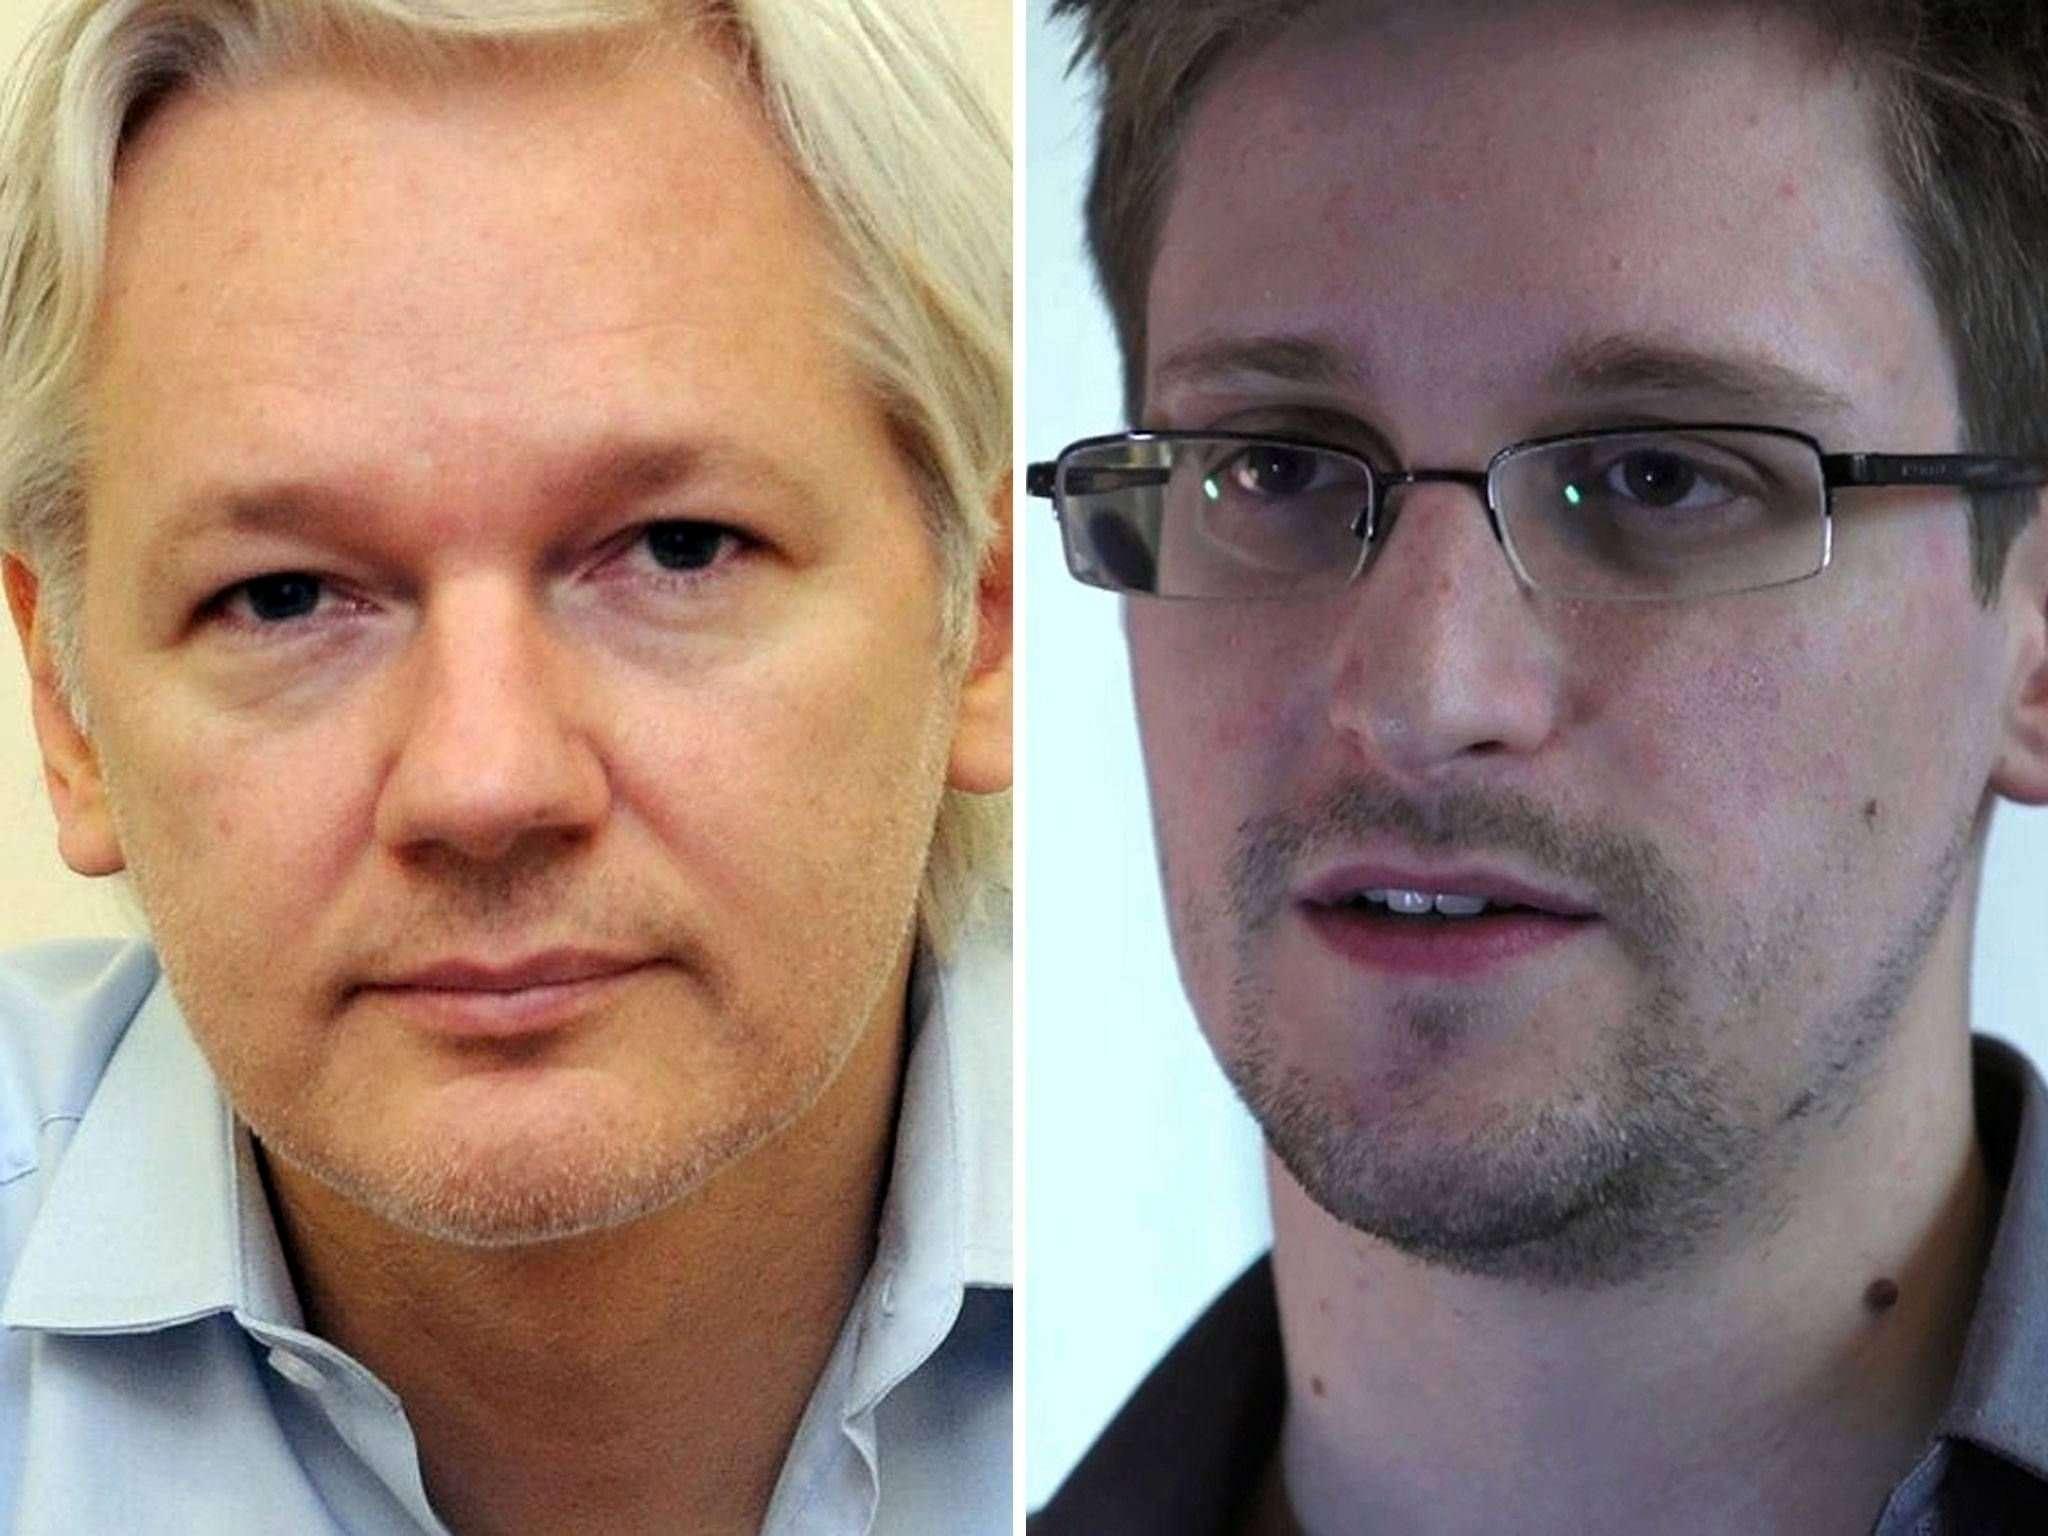 اسنودن وآسانژ,اخبار سیاسی,خبرهای سیاسی,تحلیل سیاسی